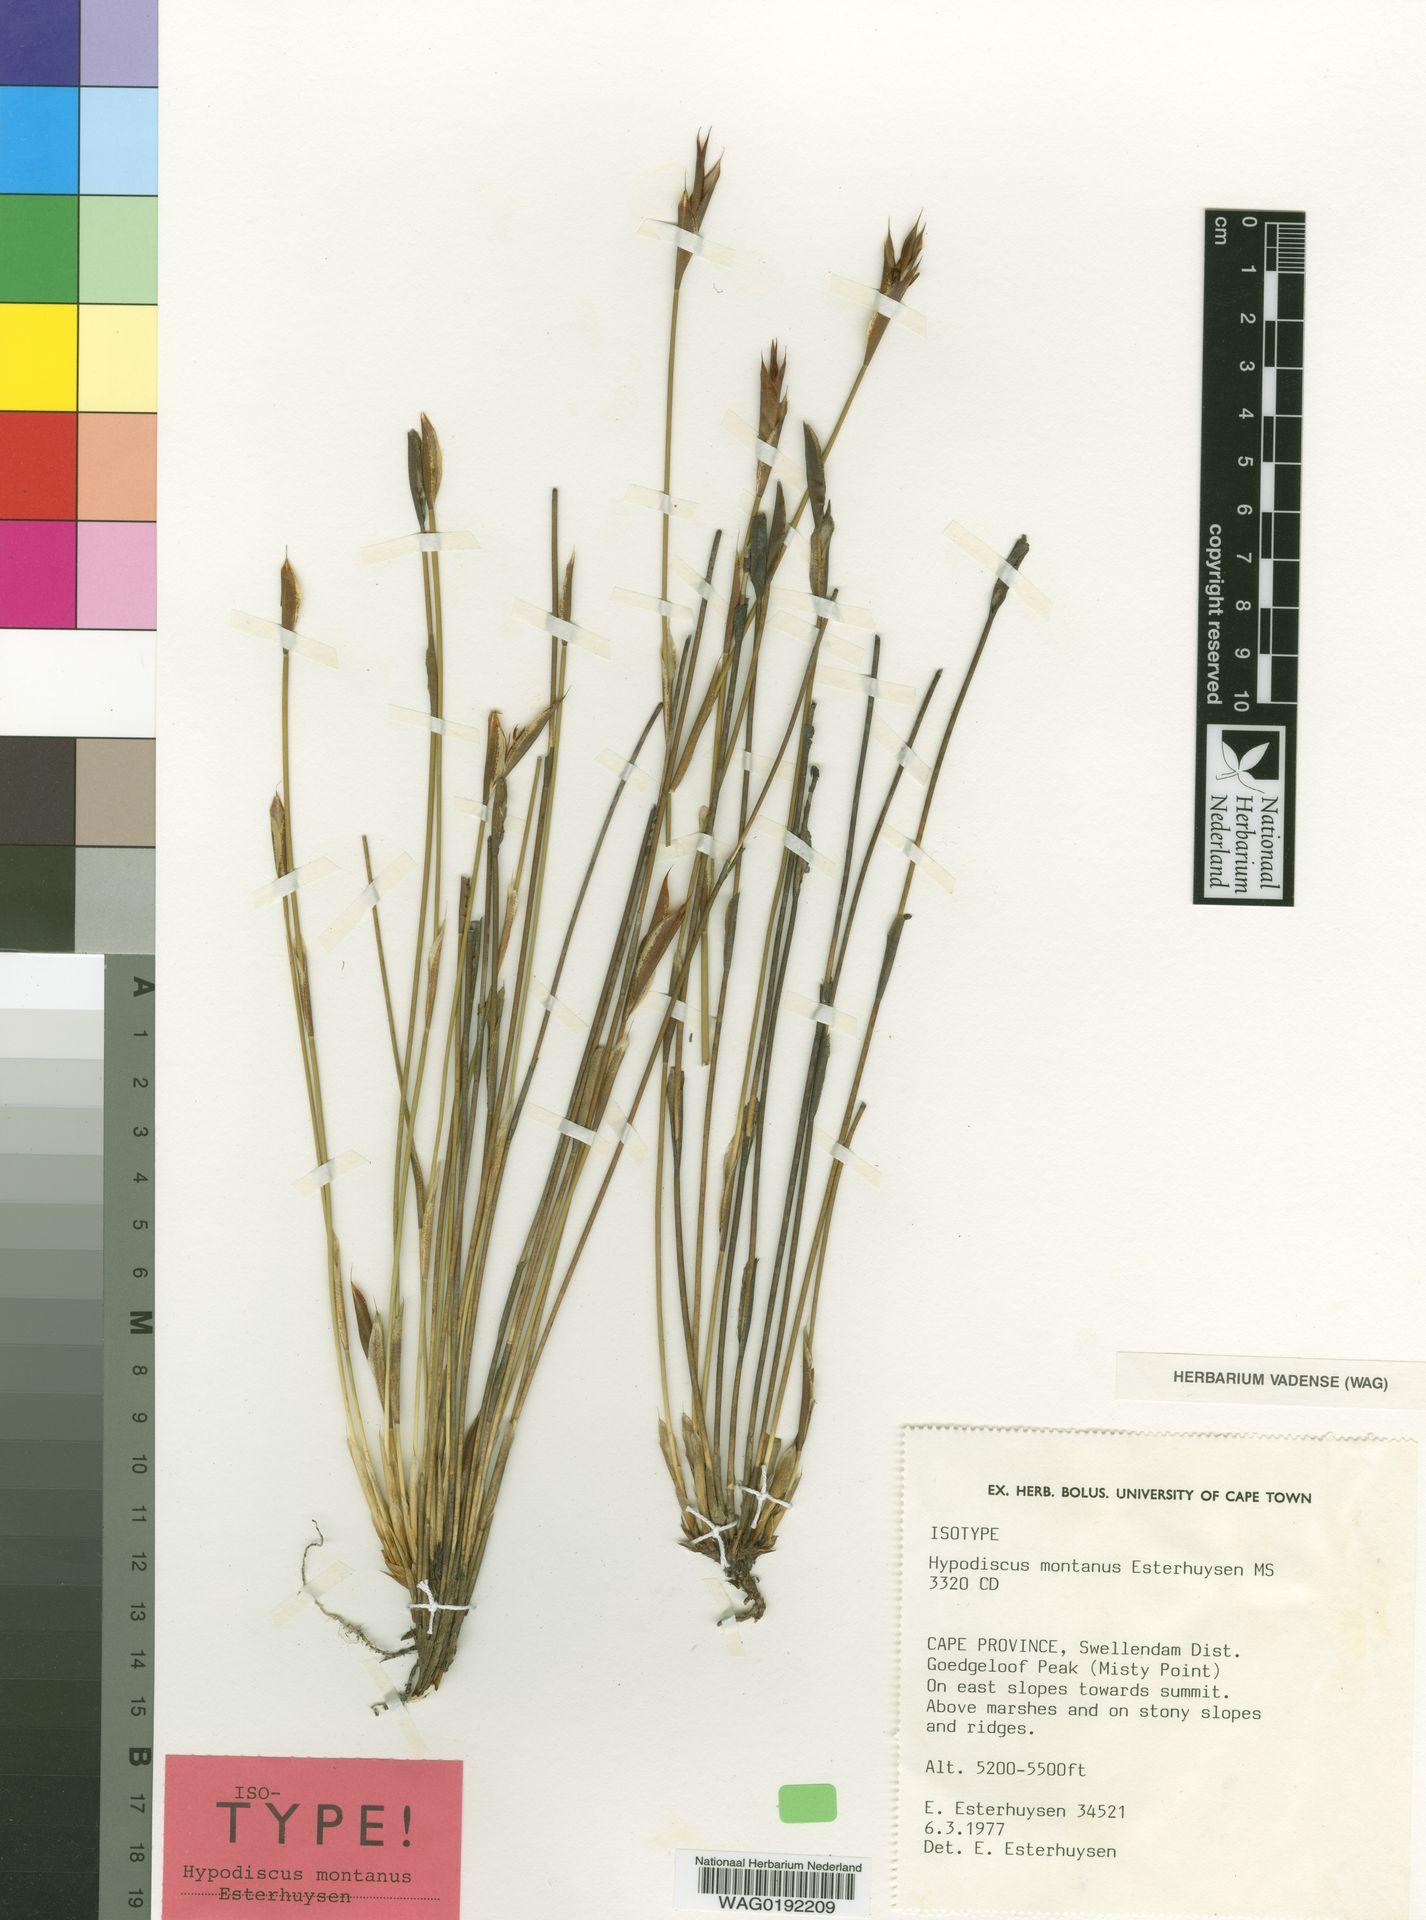 WAG0192209 | Hypodiscus montanus Esterh.